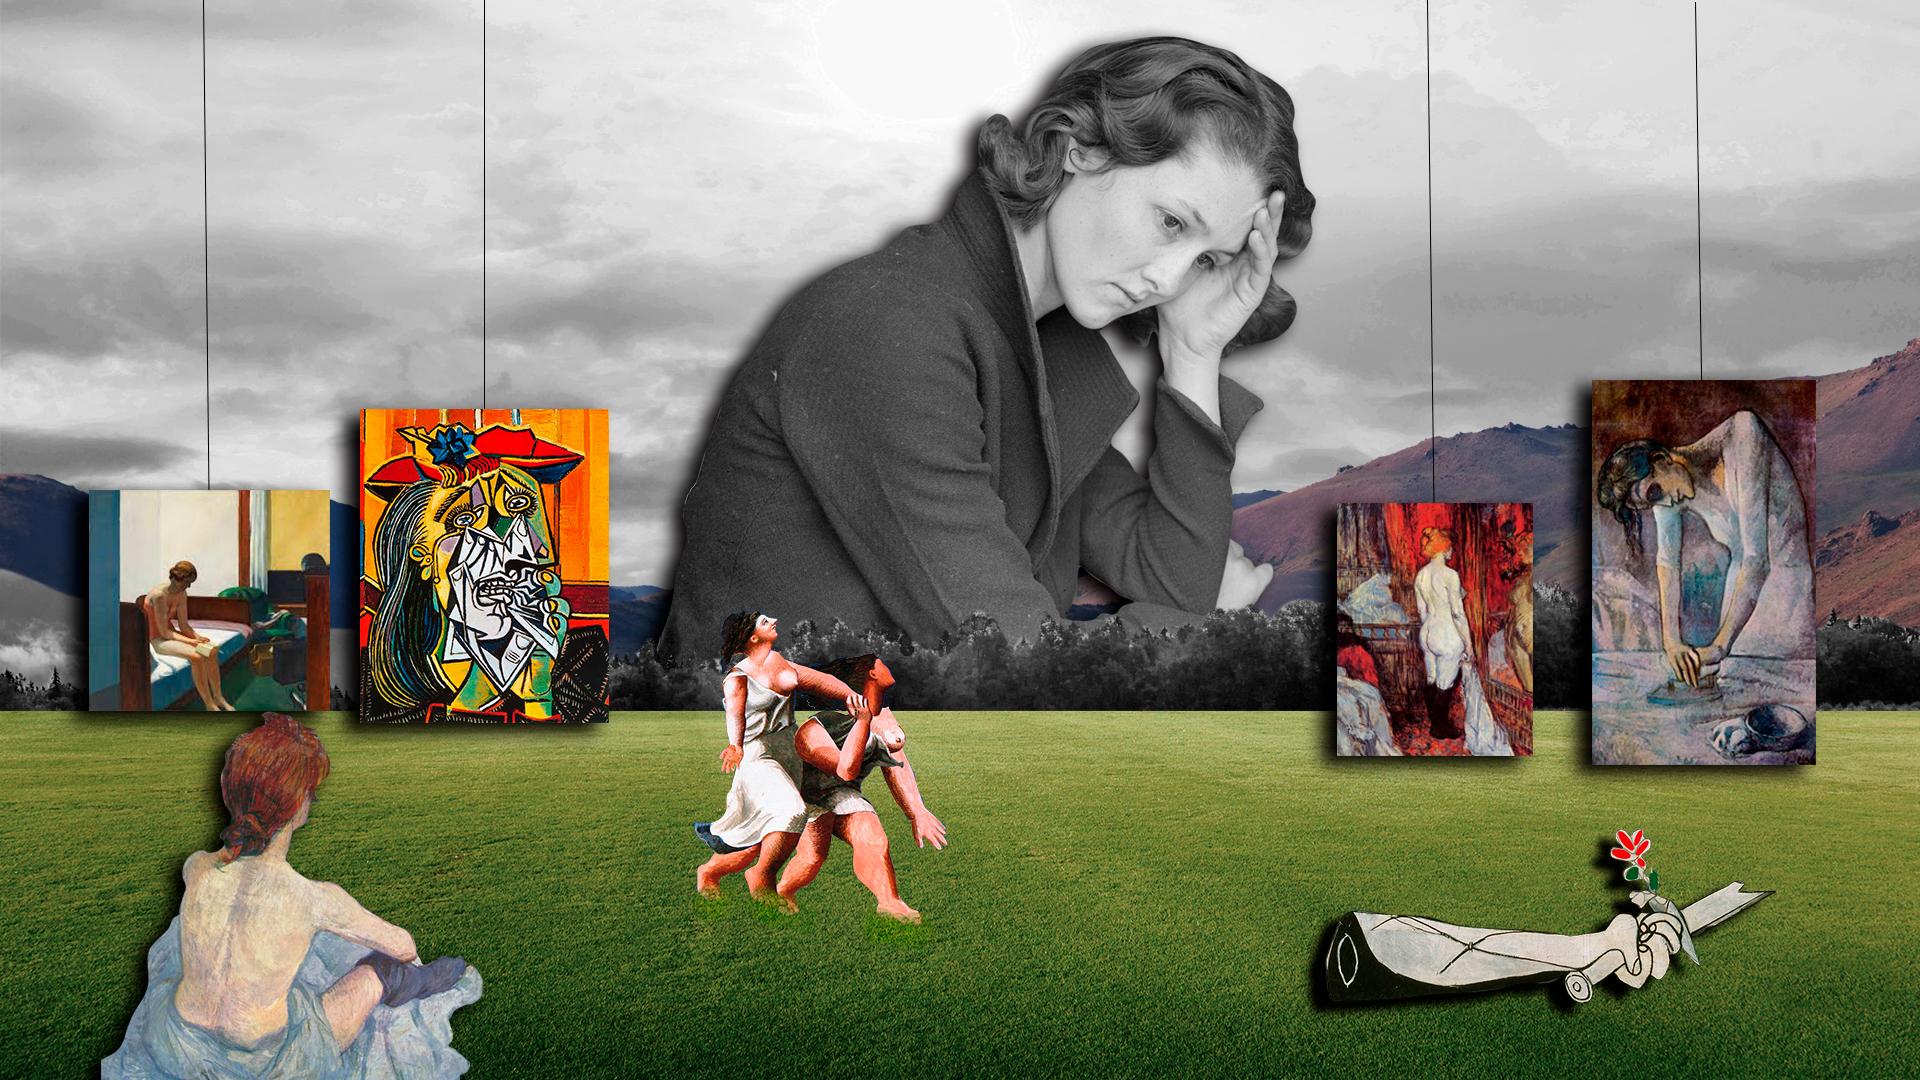 Collage de imágenes de cuadros de mujeres de Picasso, Hopper, Toulouse Lautrec. Al fondo una mujer pensativa entre montañas. Loco Mundo Arte y Bohemia